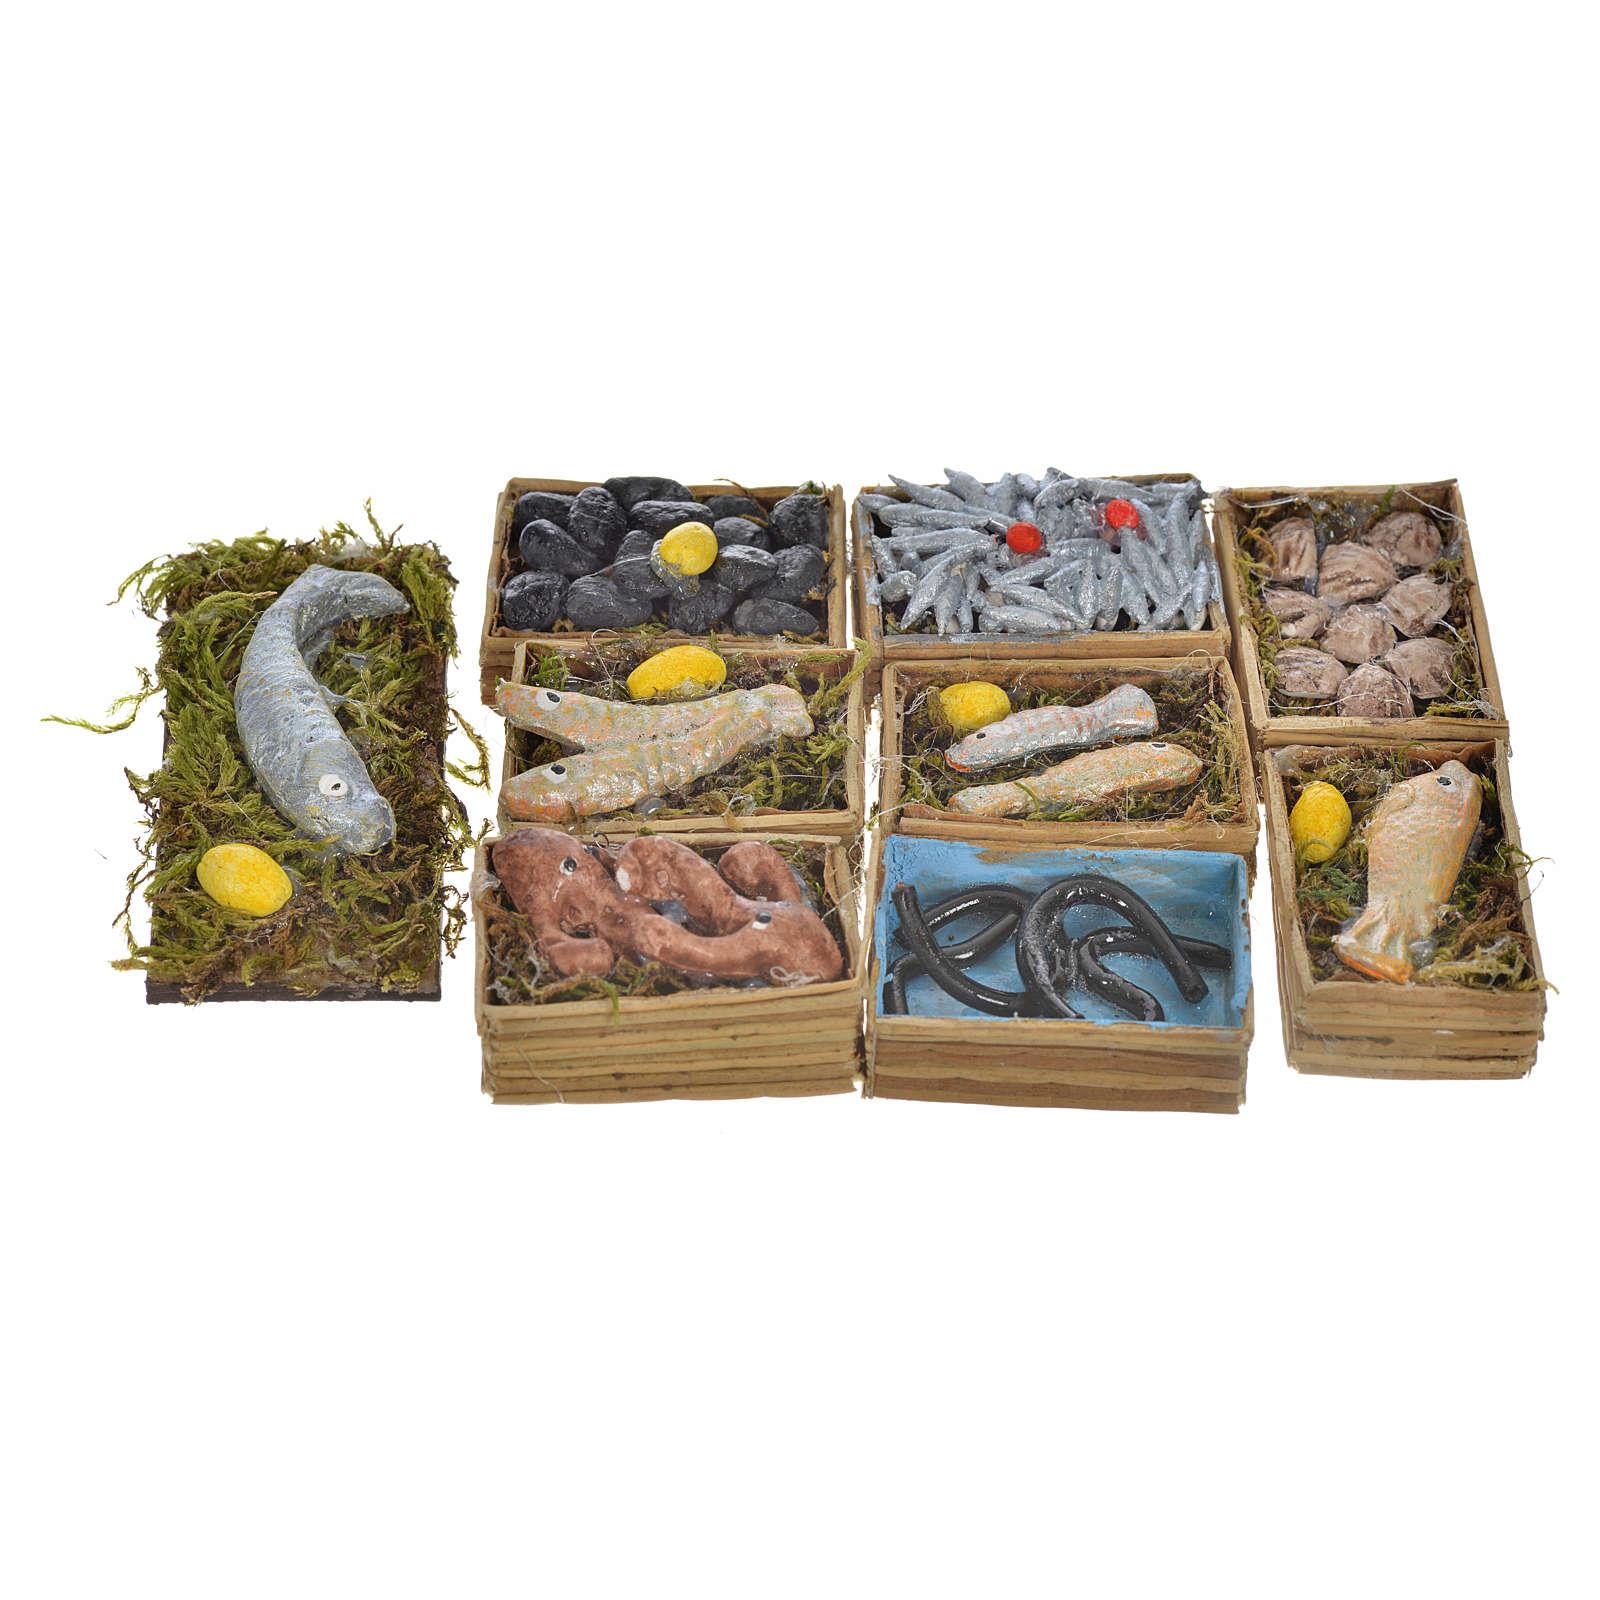 Neapolitan Nativity scene accessory, fish boxes, 9 pieces 4